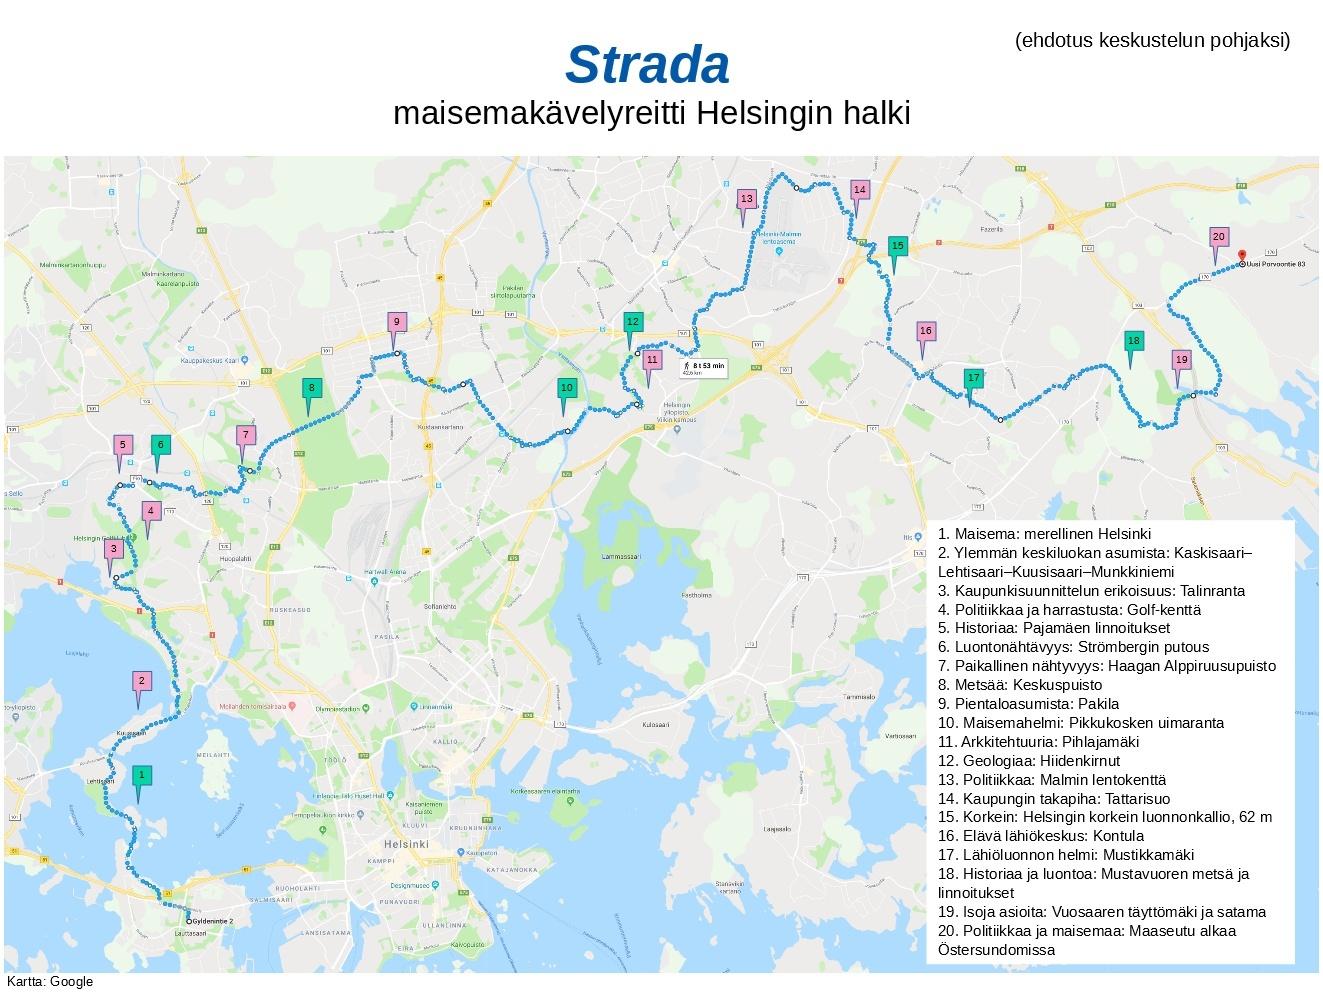 Strada – maisemakävelyreitti Helsingin halki